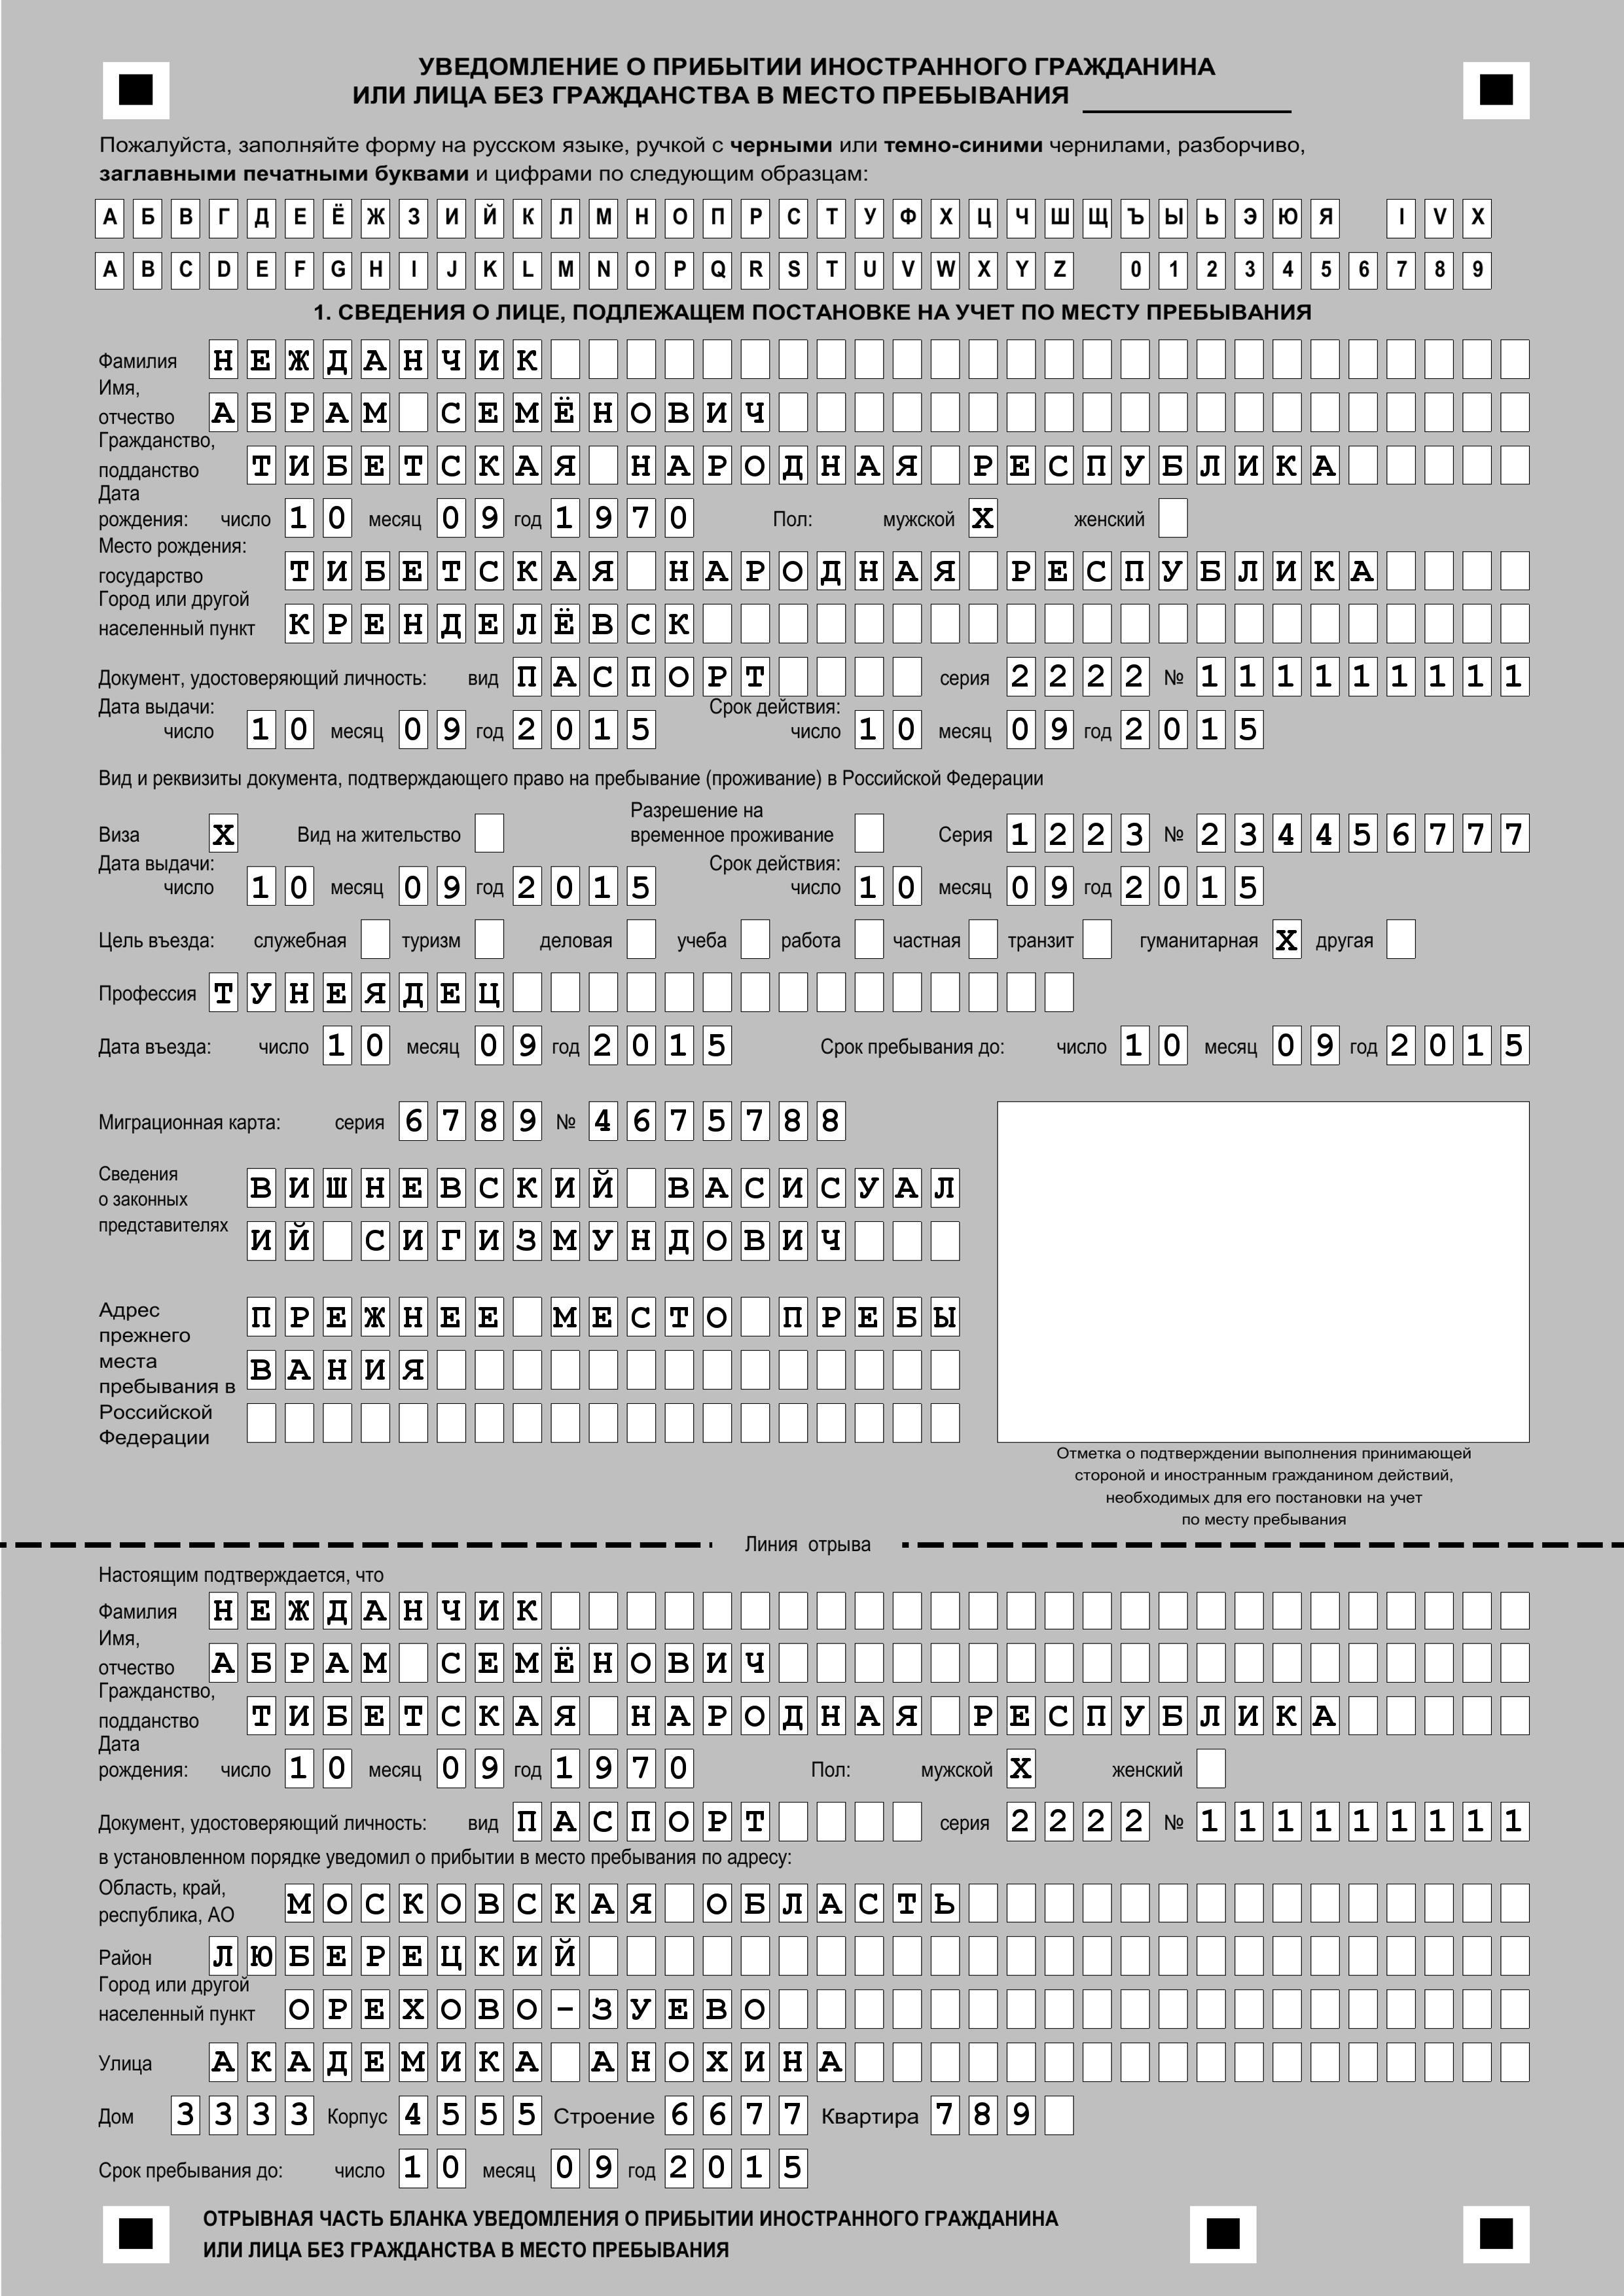 Постановка на миграционный учет безвизовых иностранцев временная регистрация на 3 месяца документы